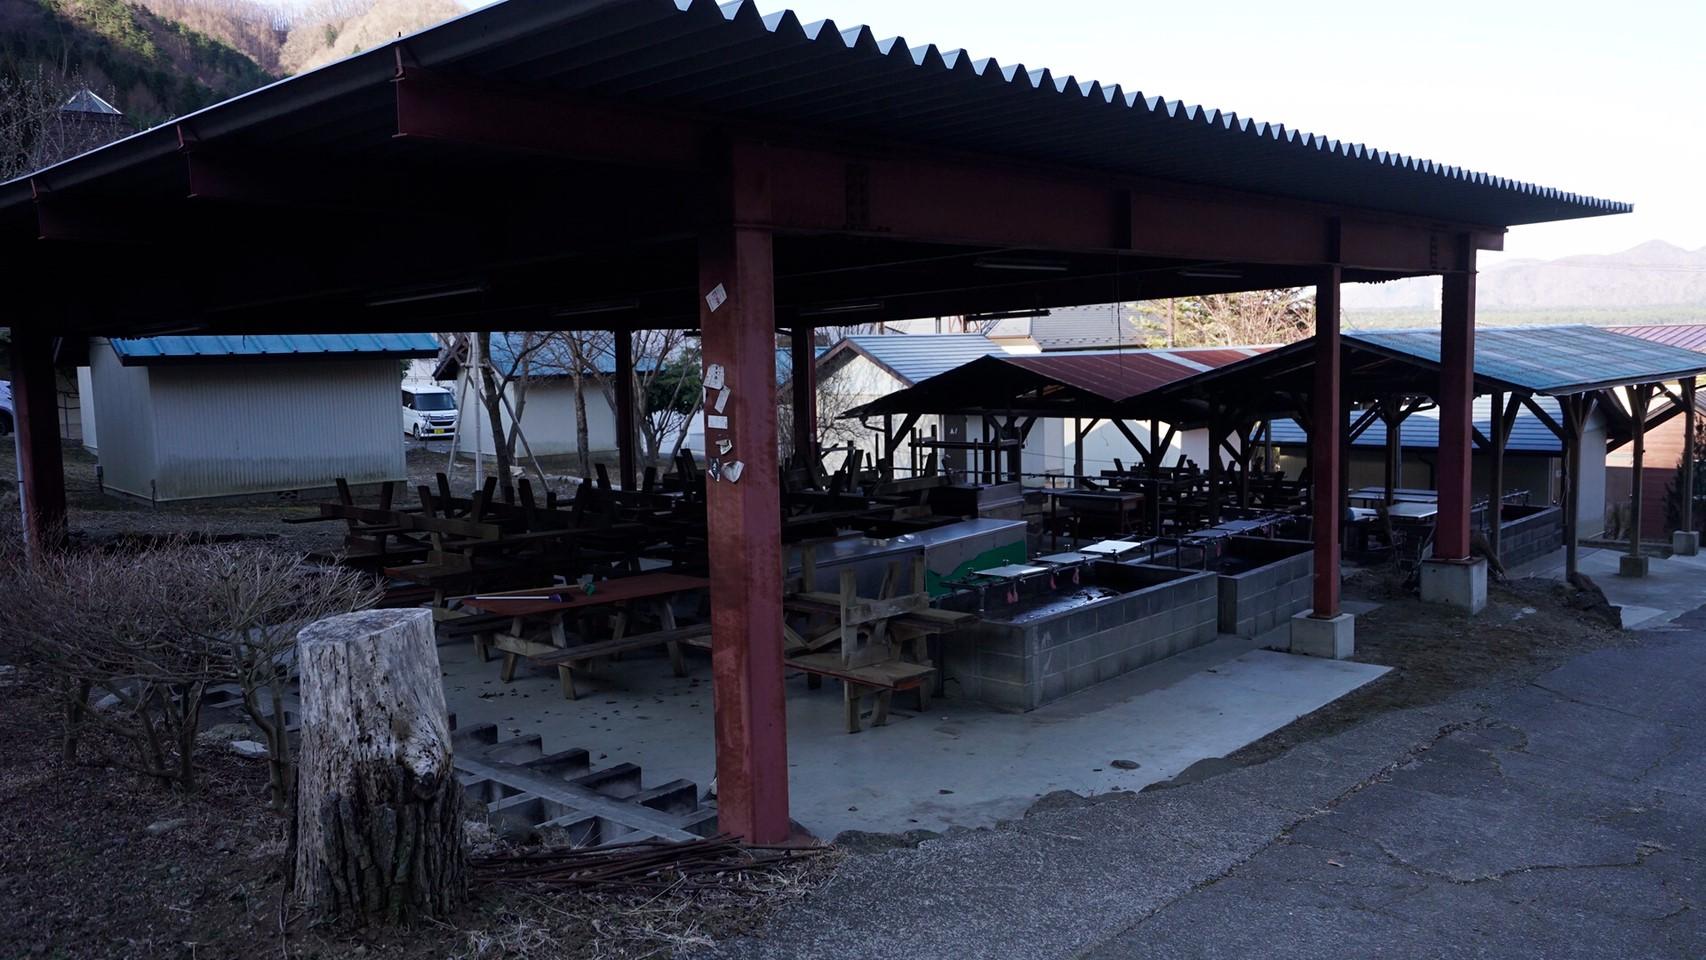 【西湖東側|富士河口湖町】『浜の家キャンプ場』攻略ガイド(駐車場・トイレ)